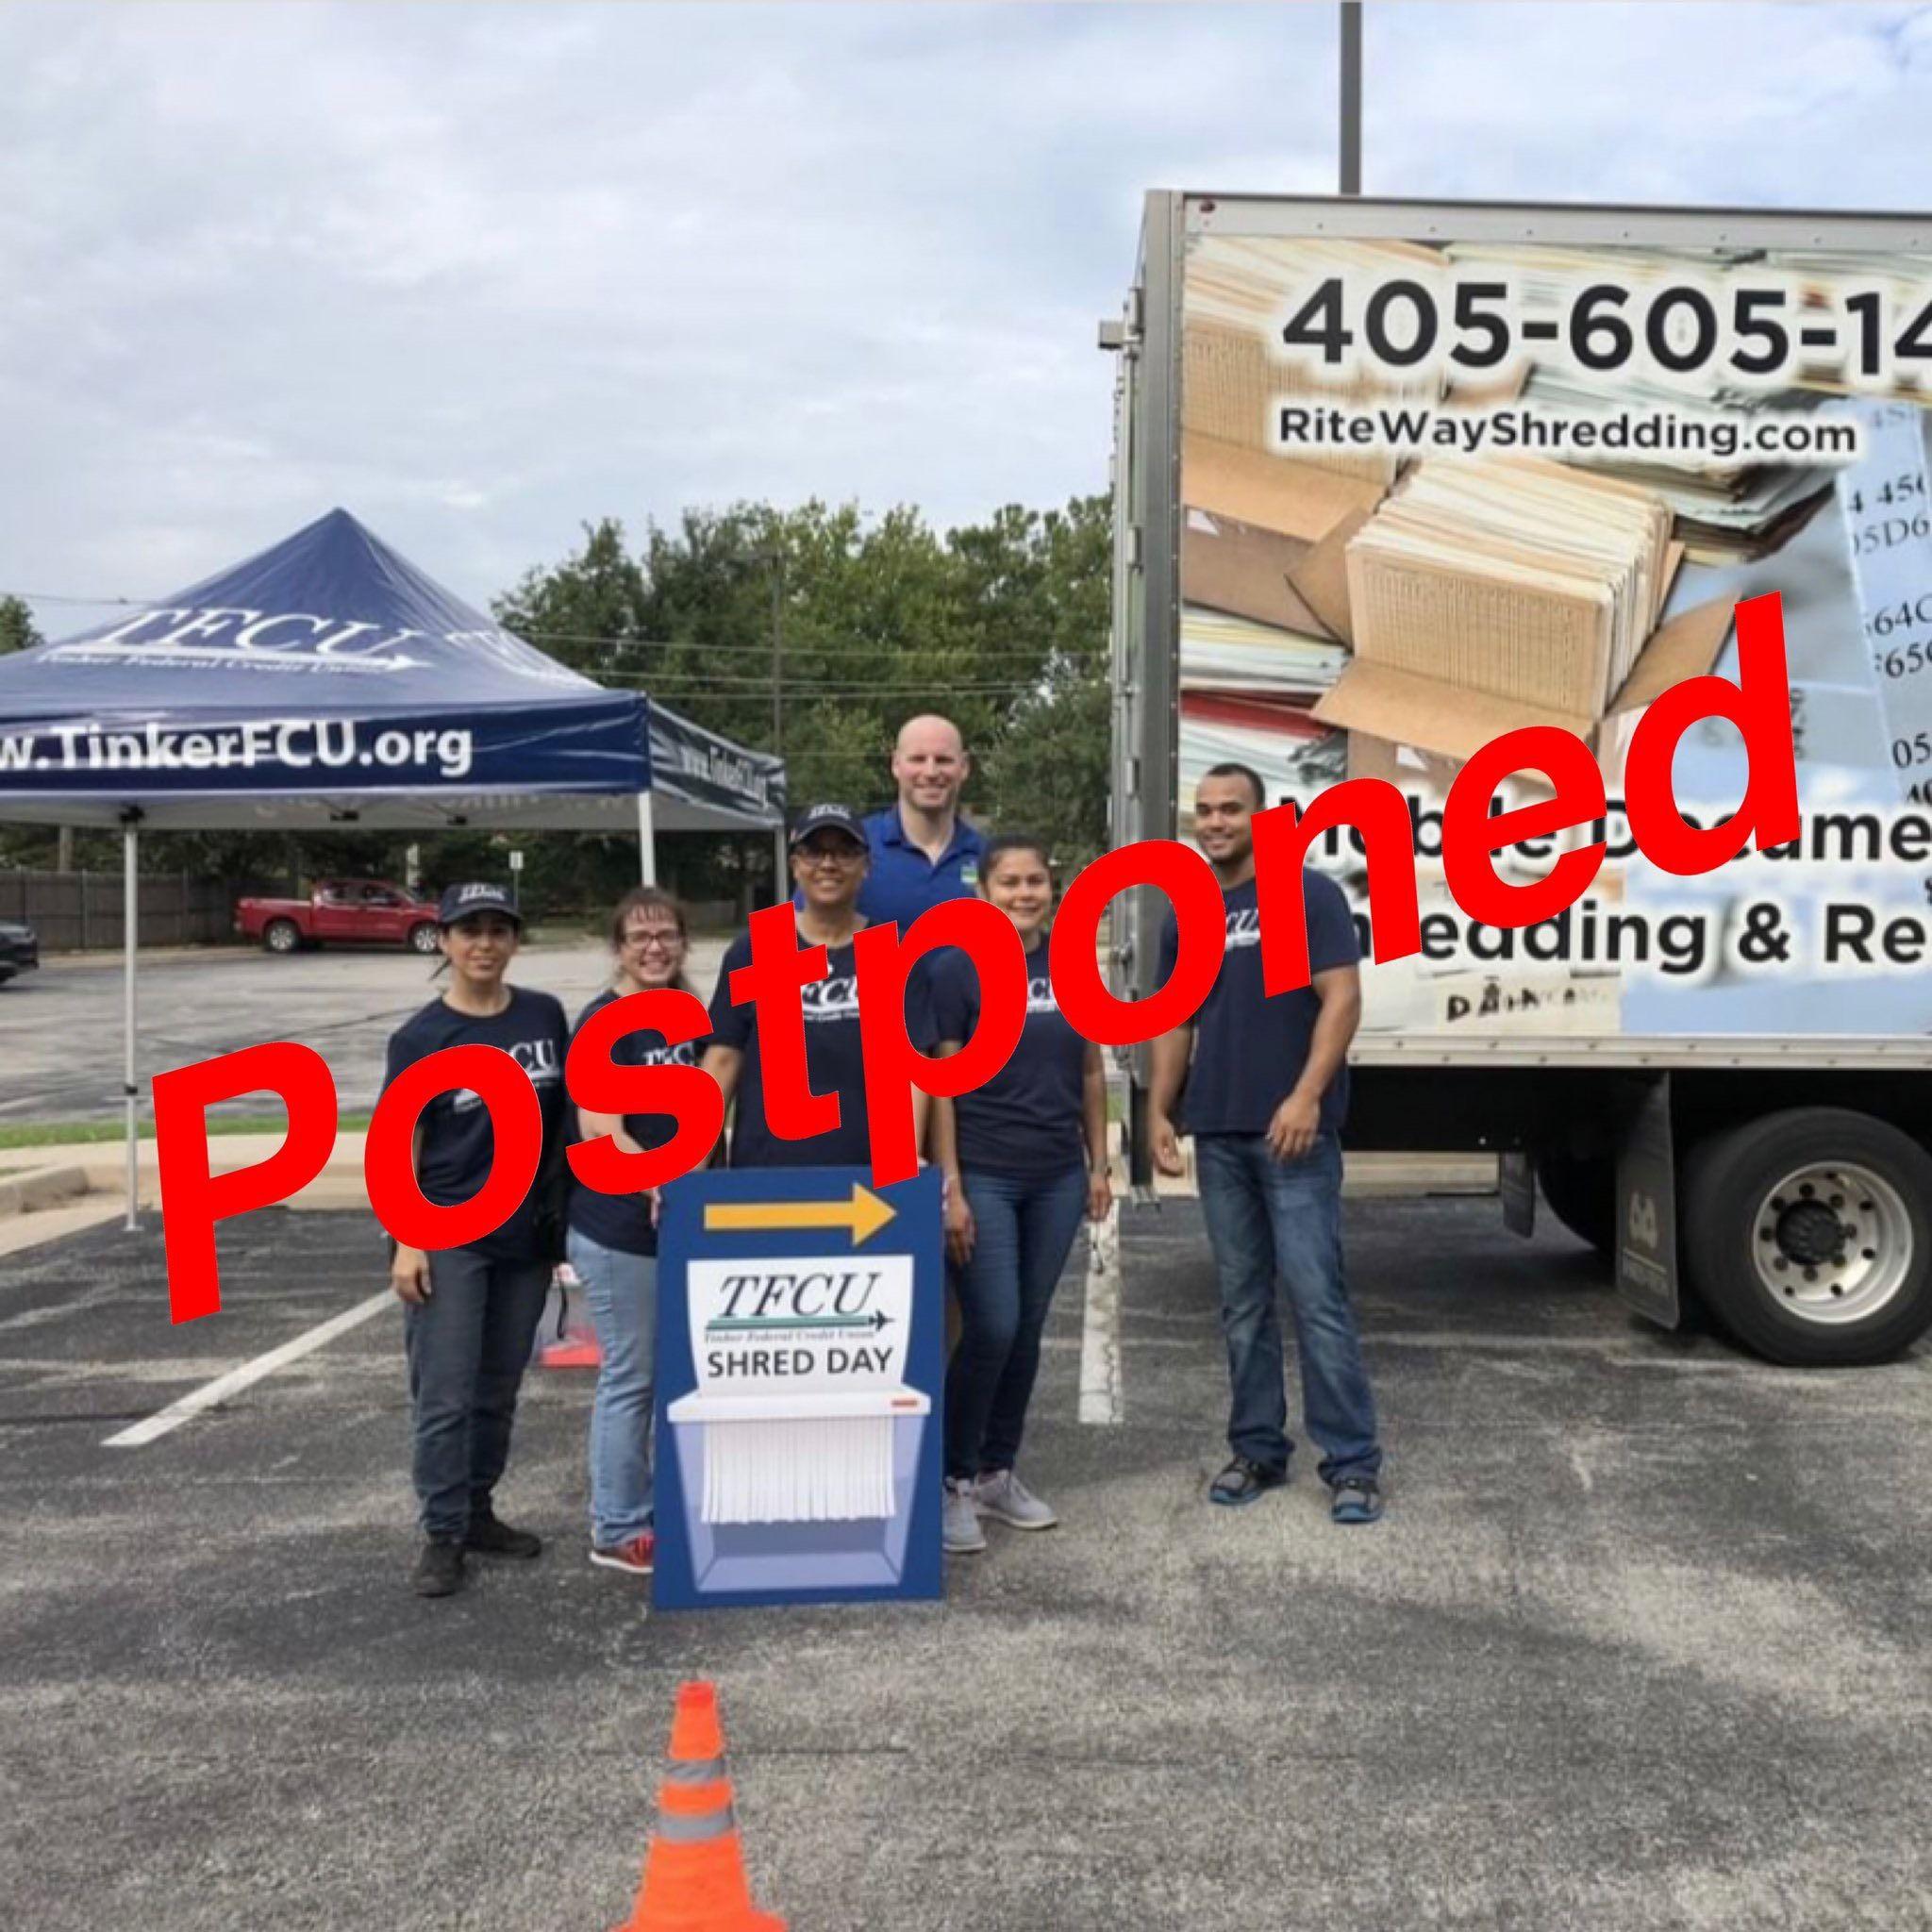 Northeast branch shred day postponed